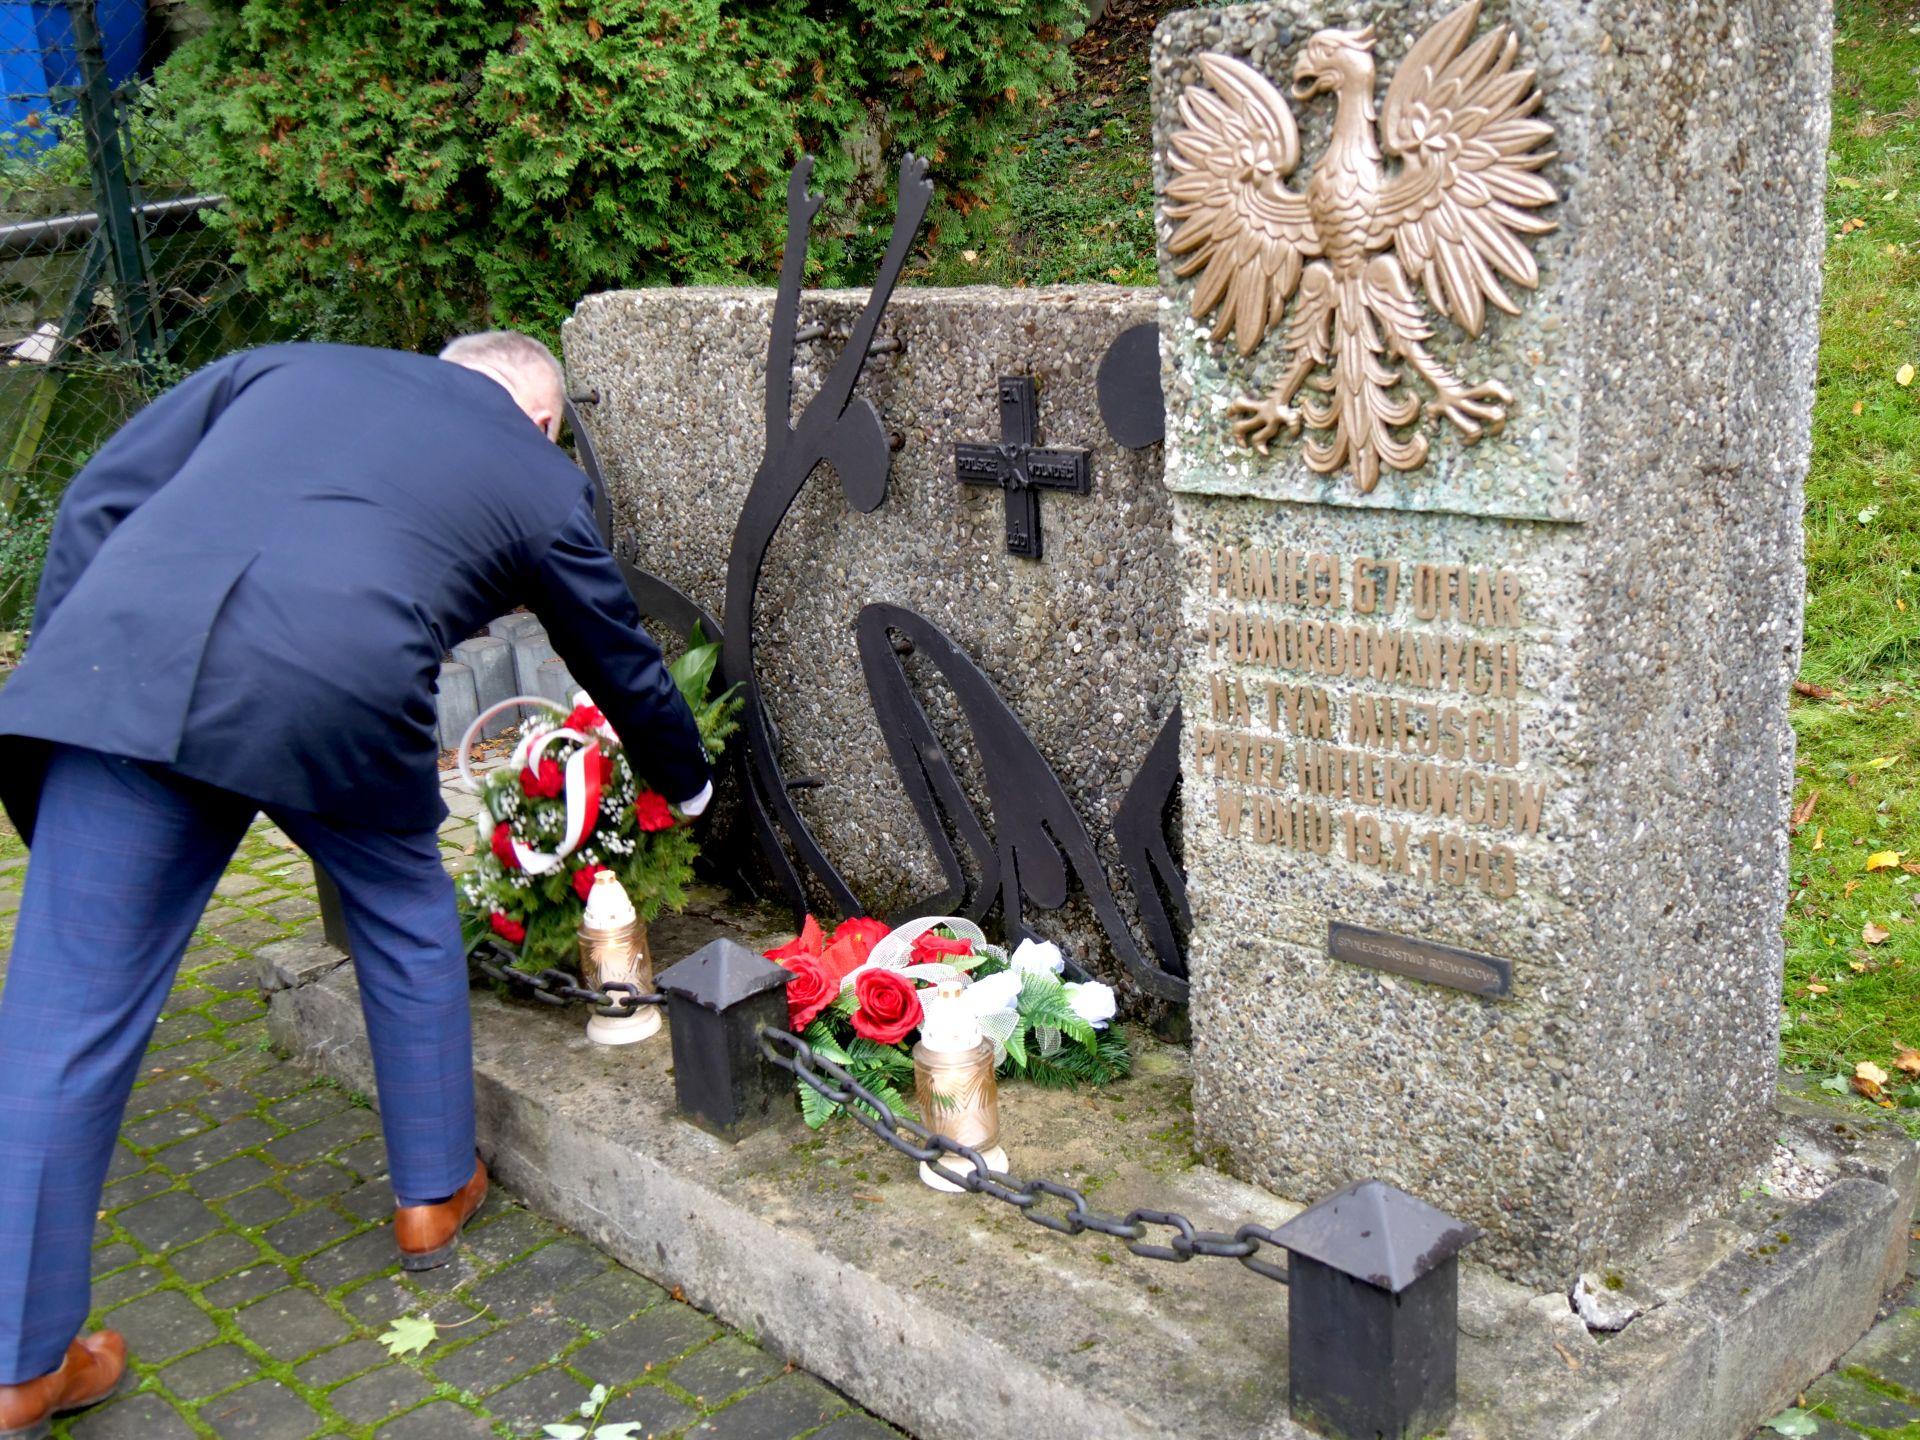 pomnik, 1 osoba, kwiaty